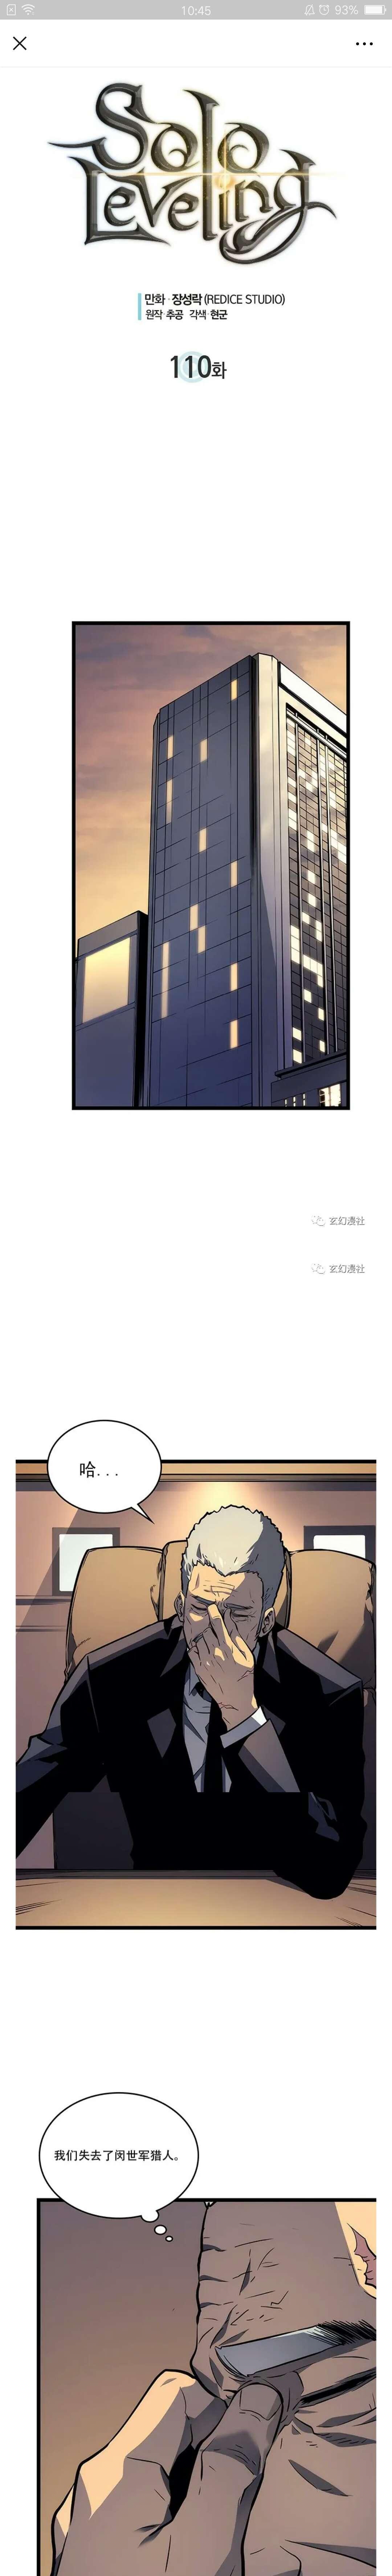 【漫画更新】【我独自升级】110话-小柚妹站